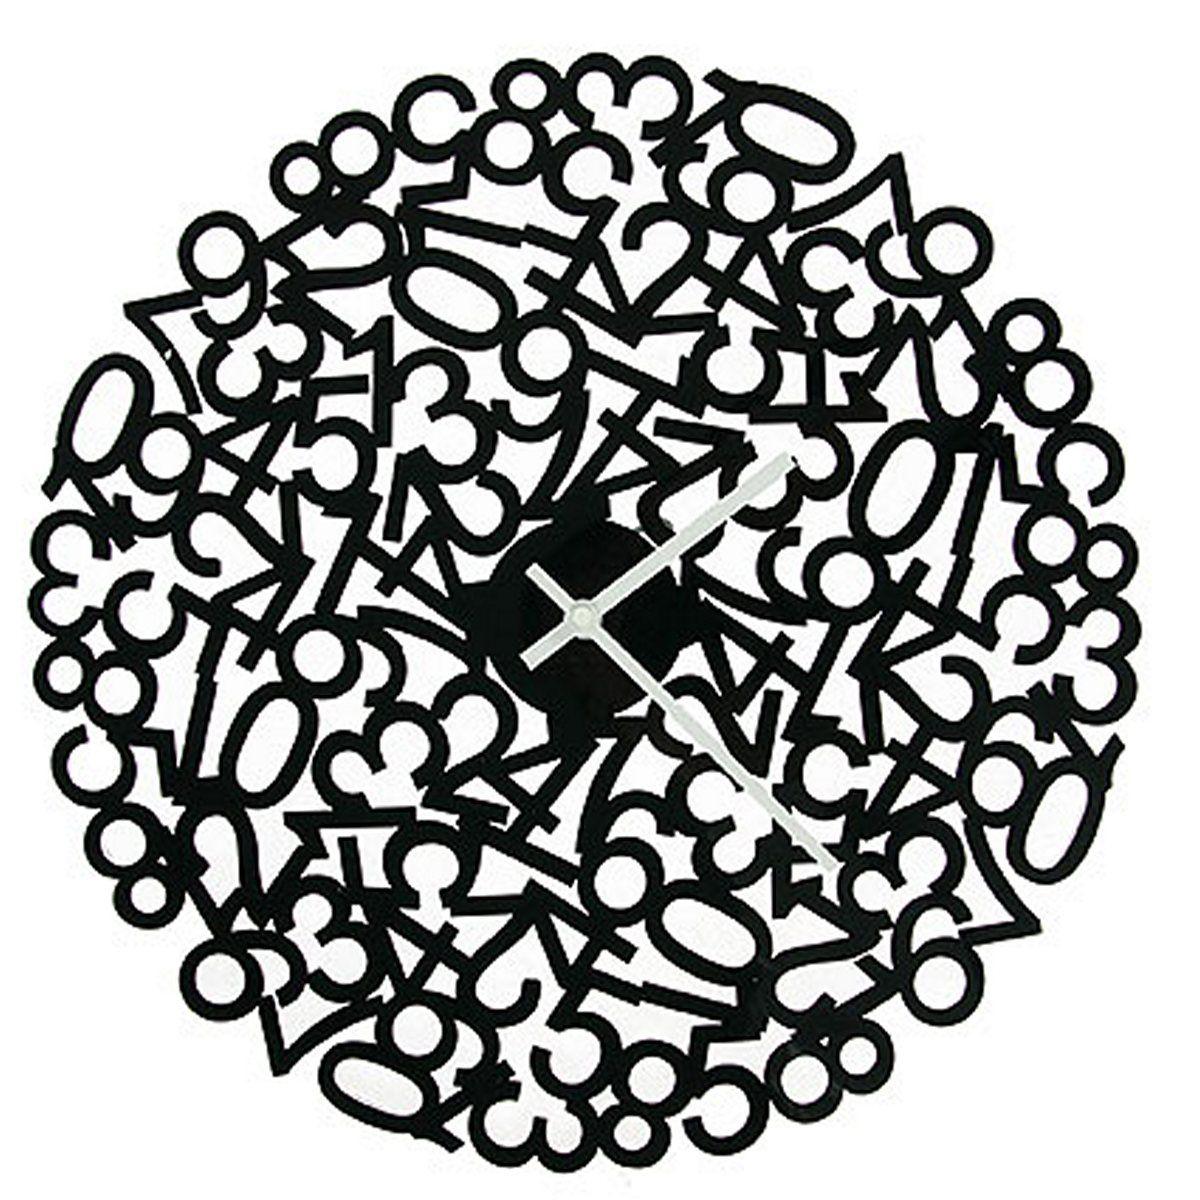 Часы настенные Русские Подарки, диаметр 30 см. 122416122416Настенные кварцевые часы Русские Подарки изготовлены из полиамида. Корпус оформлен цифрами, расположенными в хаотичном порядке. Часы имеют две стрелки - часовую и минутную. С обратной стороны имеется петелька для подвешивания на стену. Такие часы красиво и оригинально оформят интерьер дома или офиса. Также часы могут стать уникальным, полезным подарком для родственников, коллег, знакомых и близких. Часы работают от батареек типа АА (в комплект не входят).